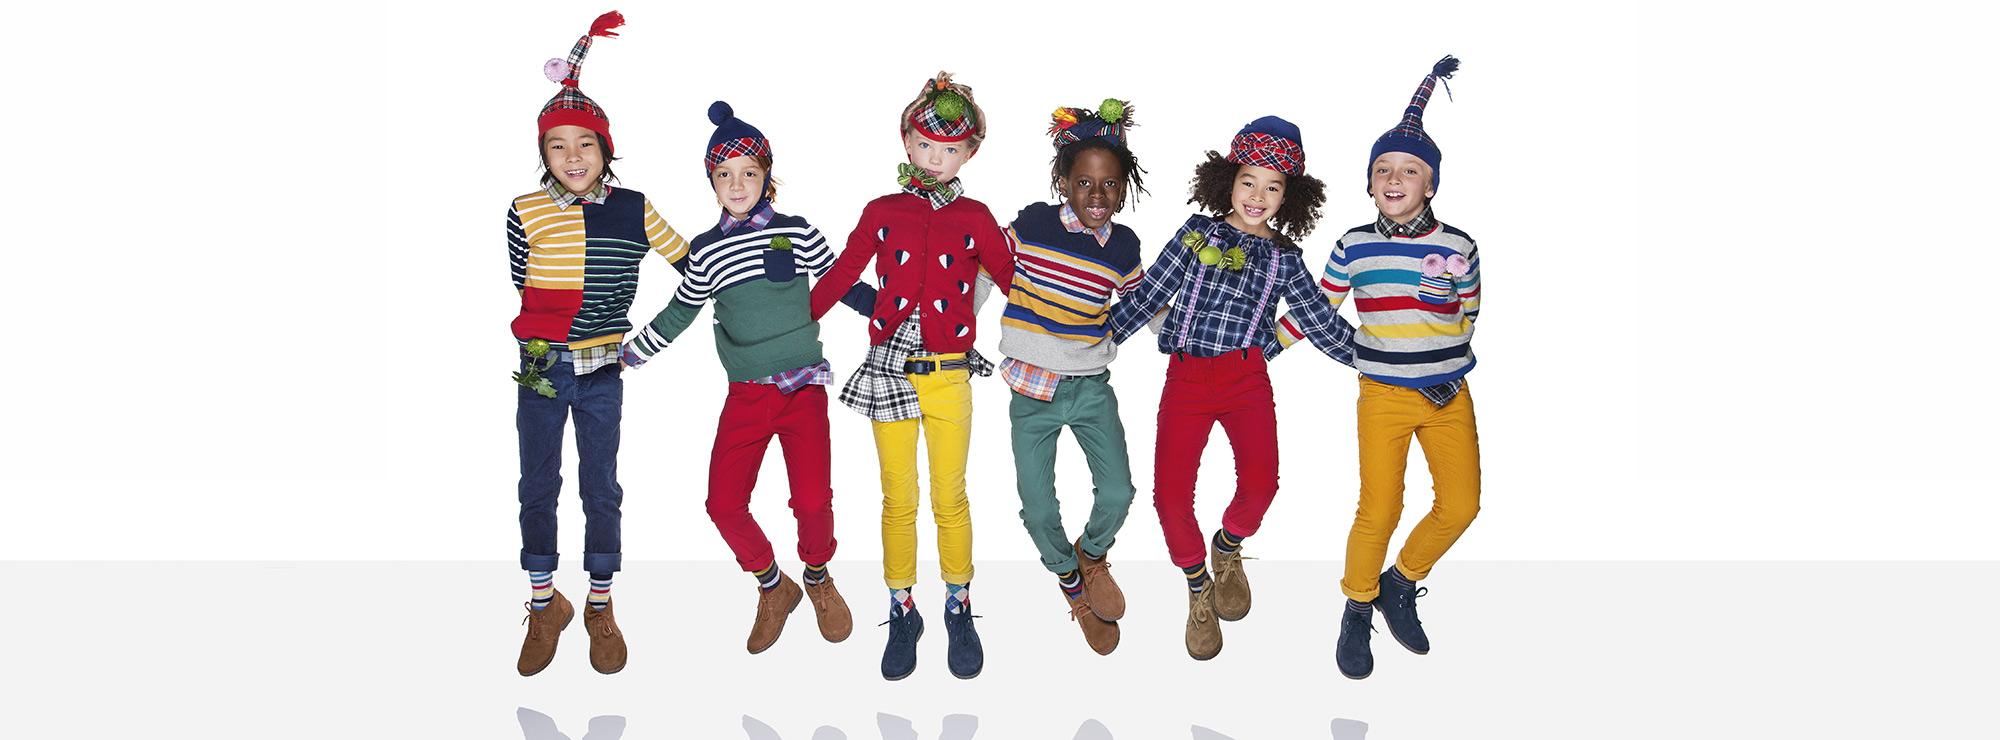 Girls Jumpers & Knitwear